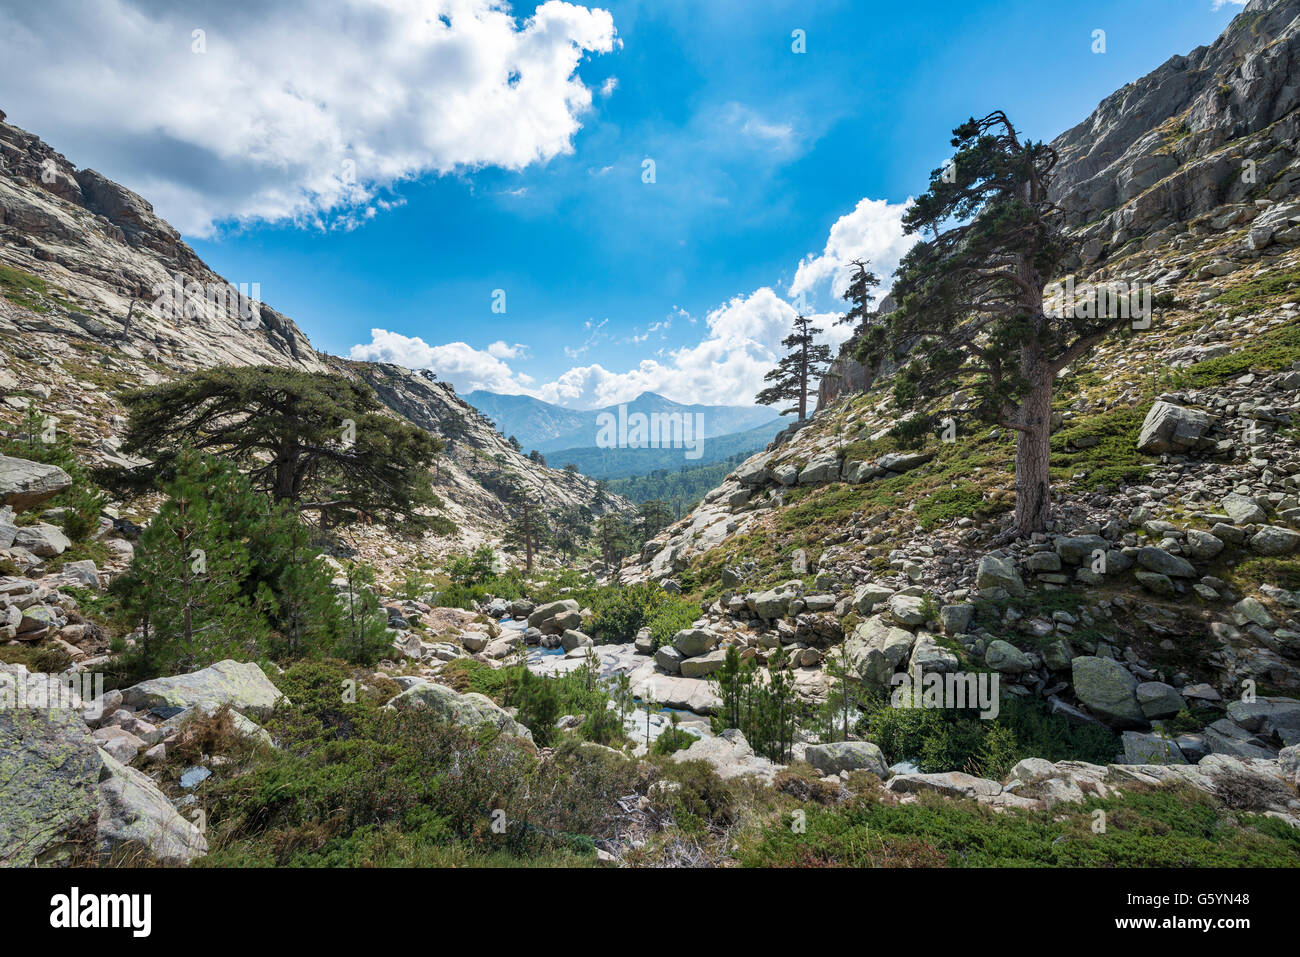 Paysage de montagne dans la vallée de Golo, Parc Naturel de la Corse, Parc naturel régional de Corse, Photo Stock